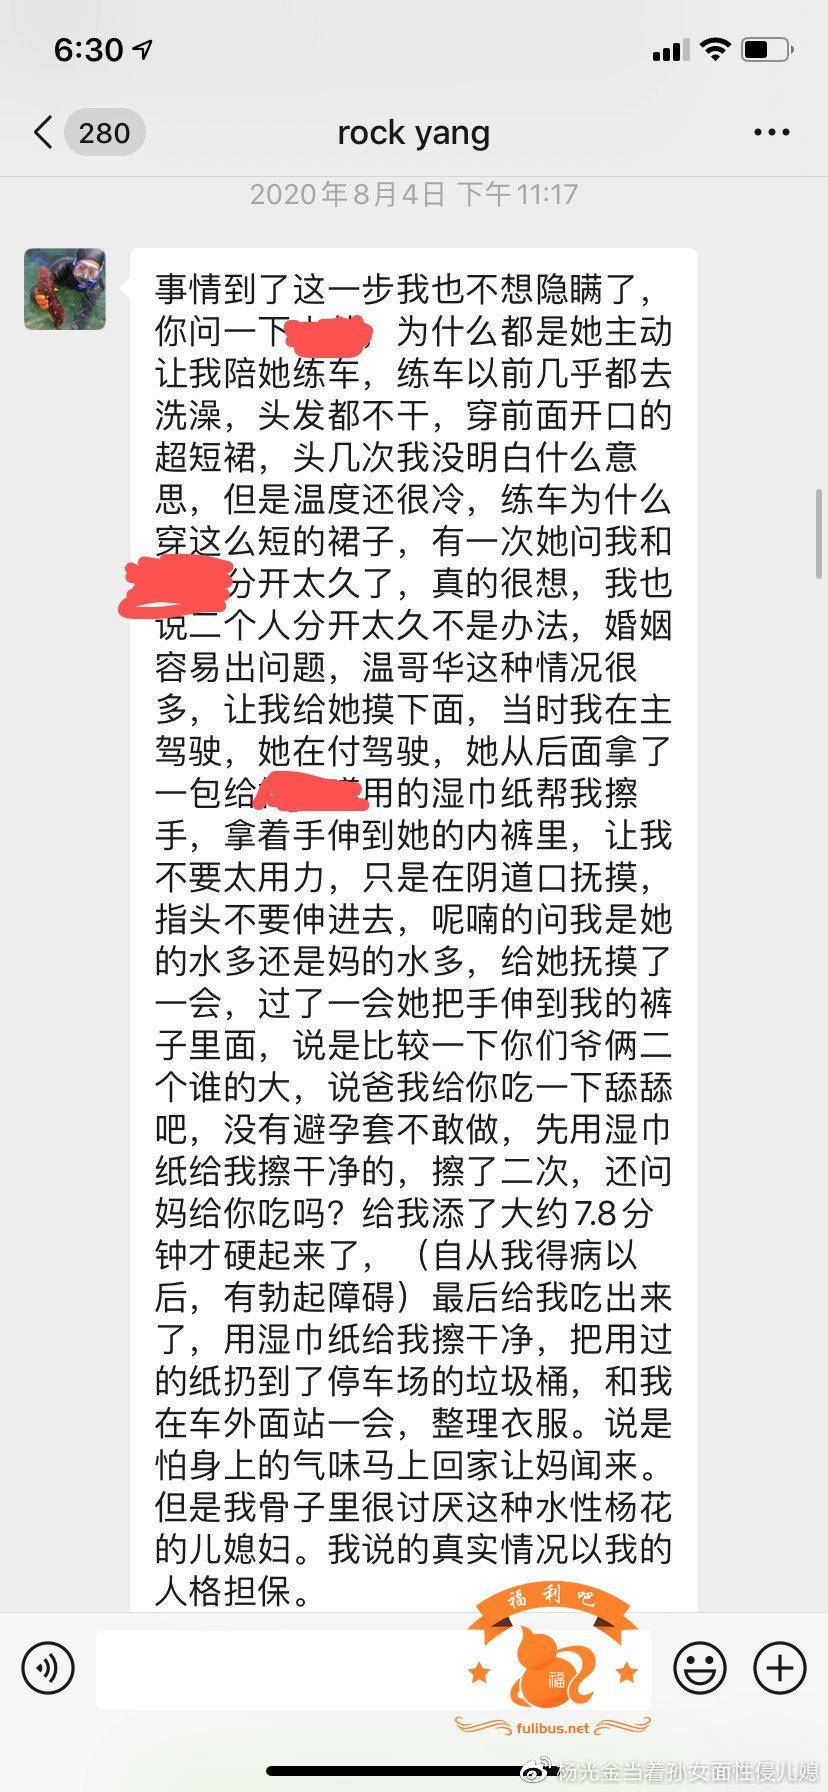 微博吃瓜:淄博理光董事长杨光金当着孙女的面性侵儿媳